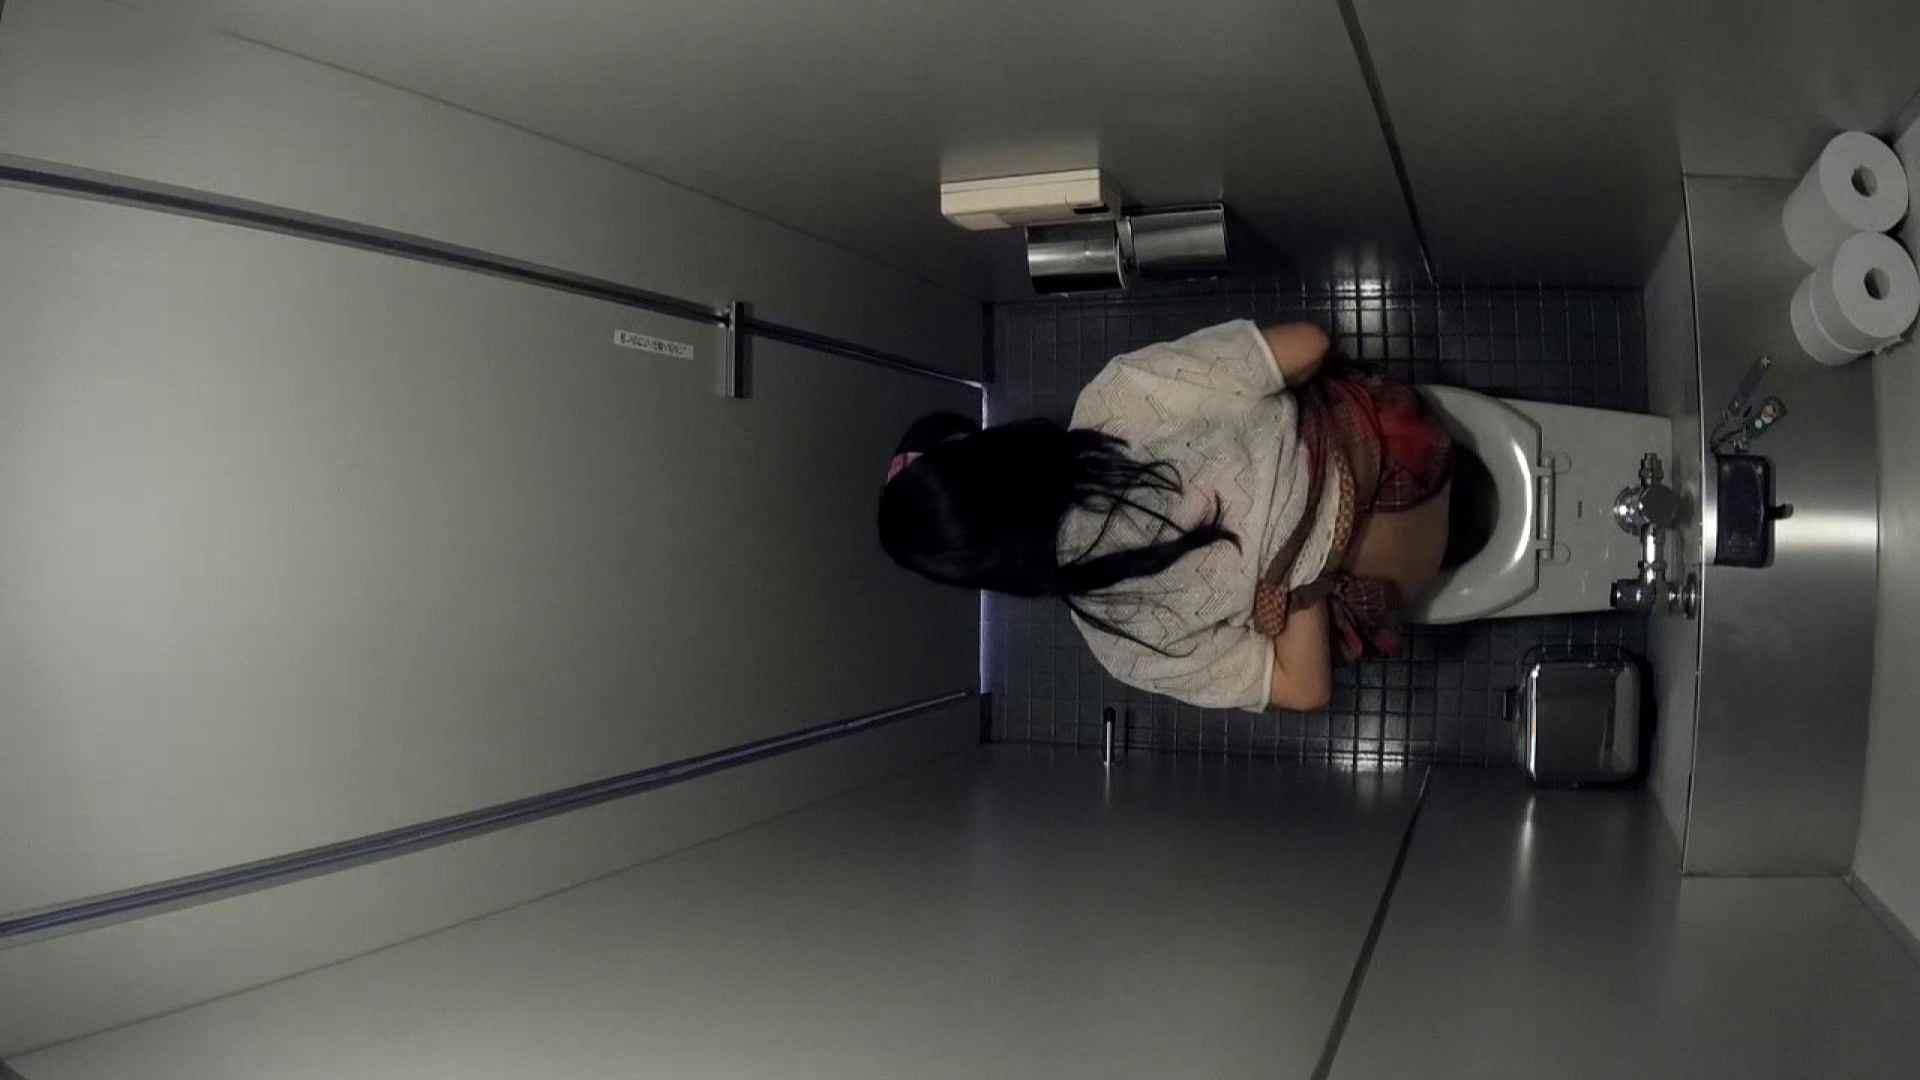 有名大学女性洗面所 vol.45 冴え渡る多方向撮影!職人技です。 投稿 隠し撮りオマンコ動画紹介 95画像 18